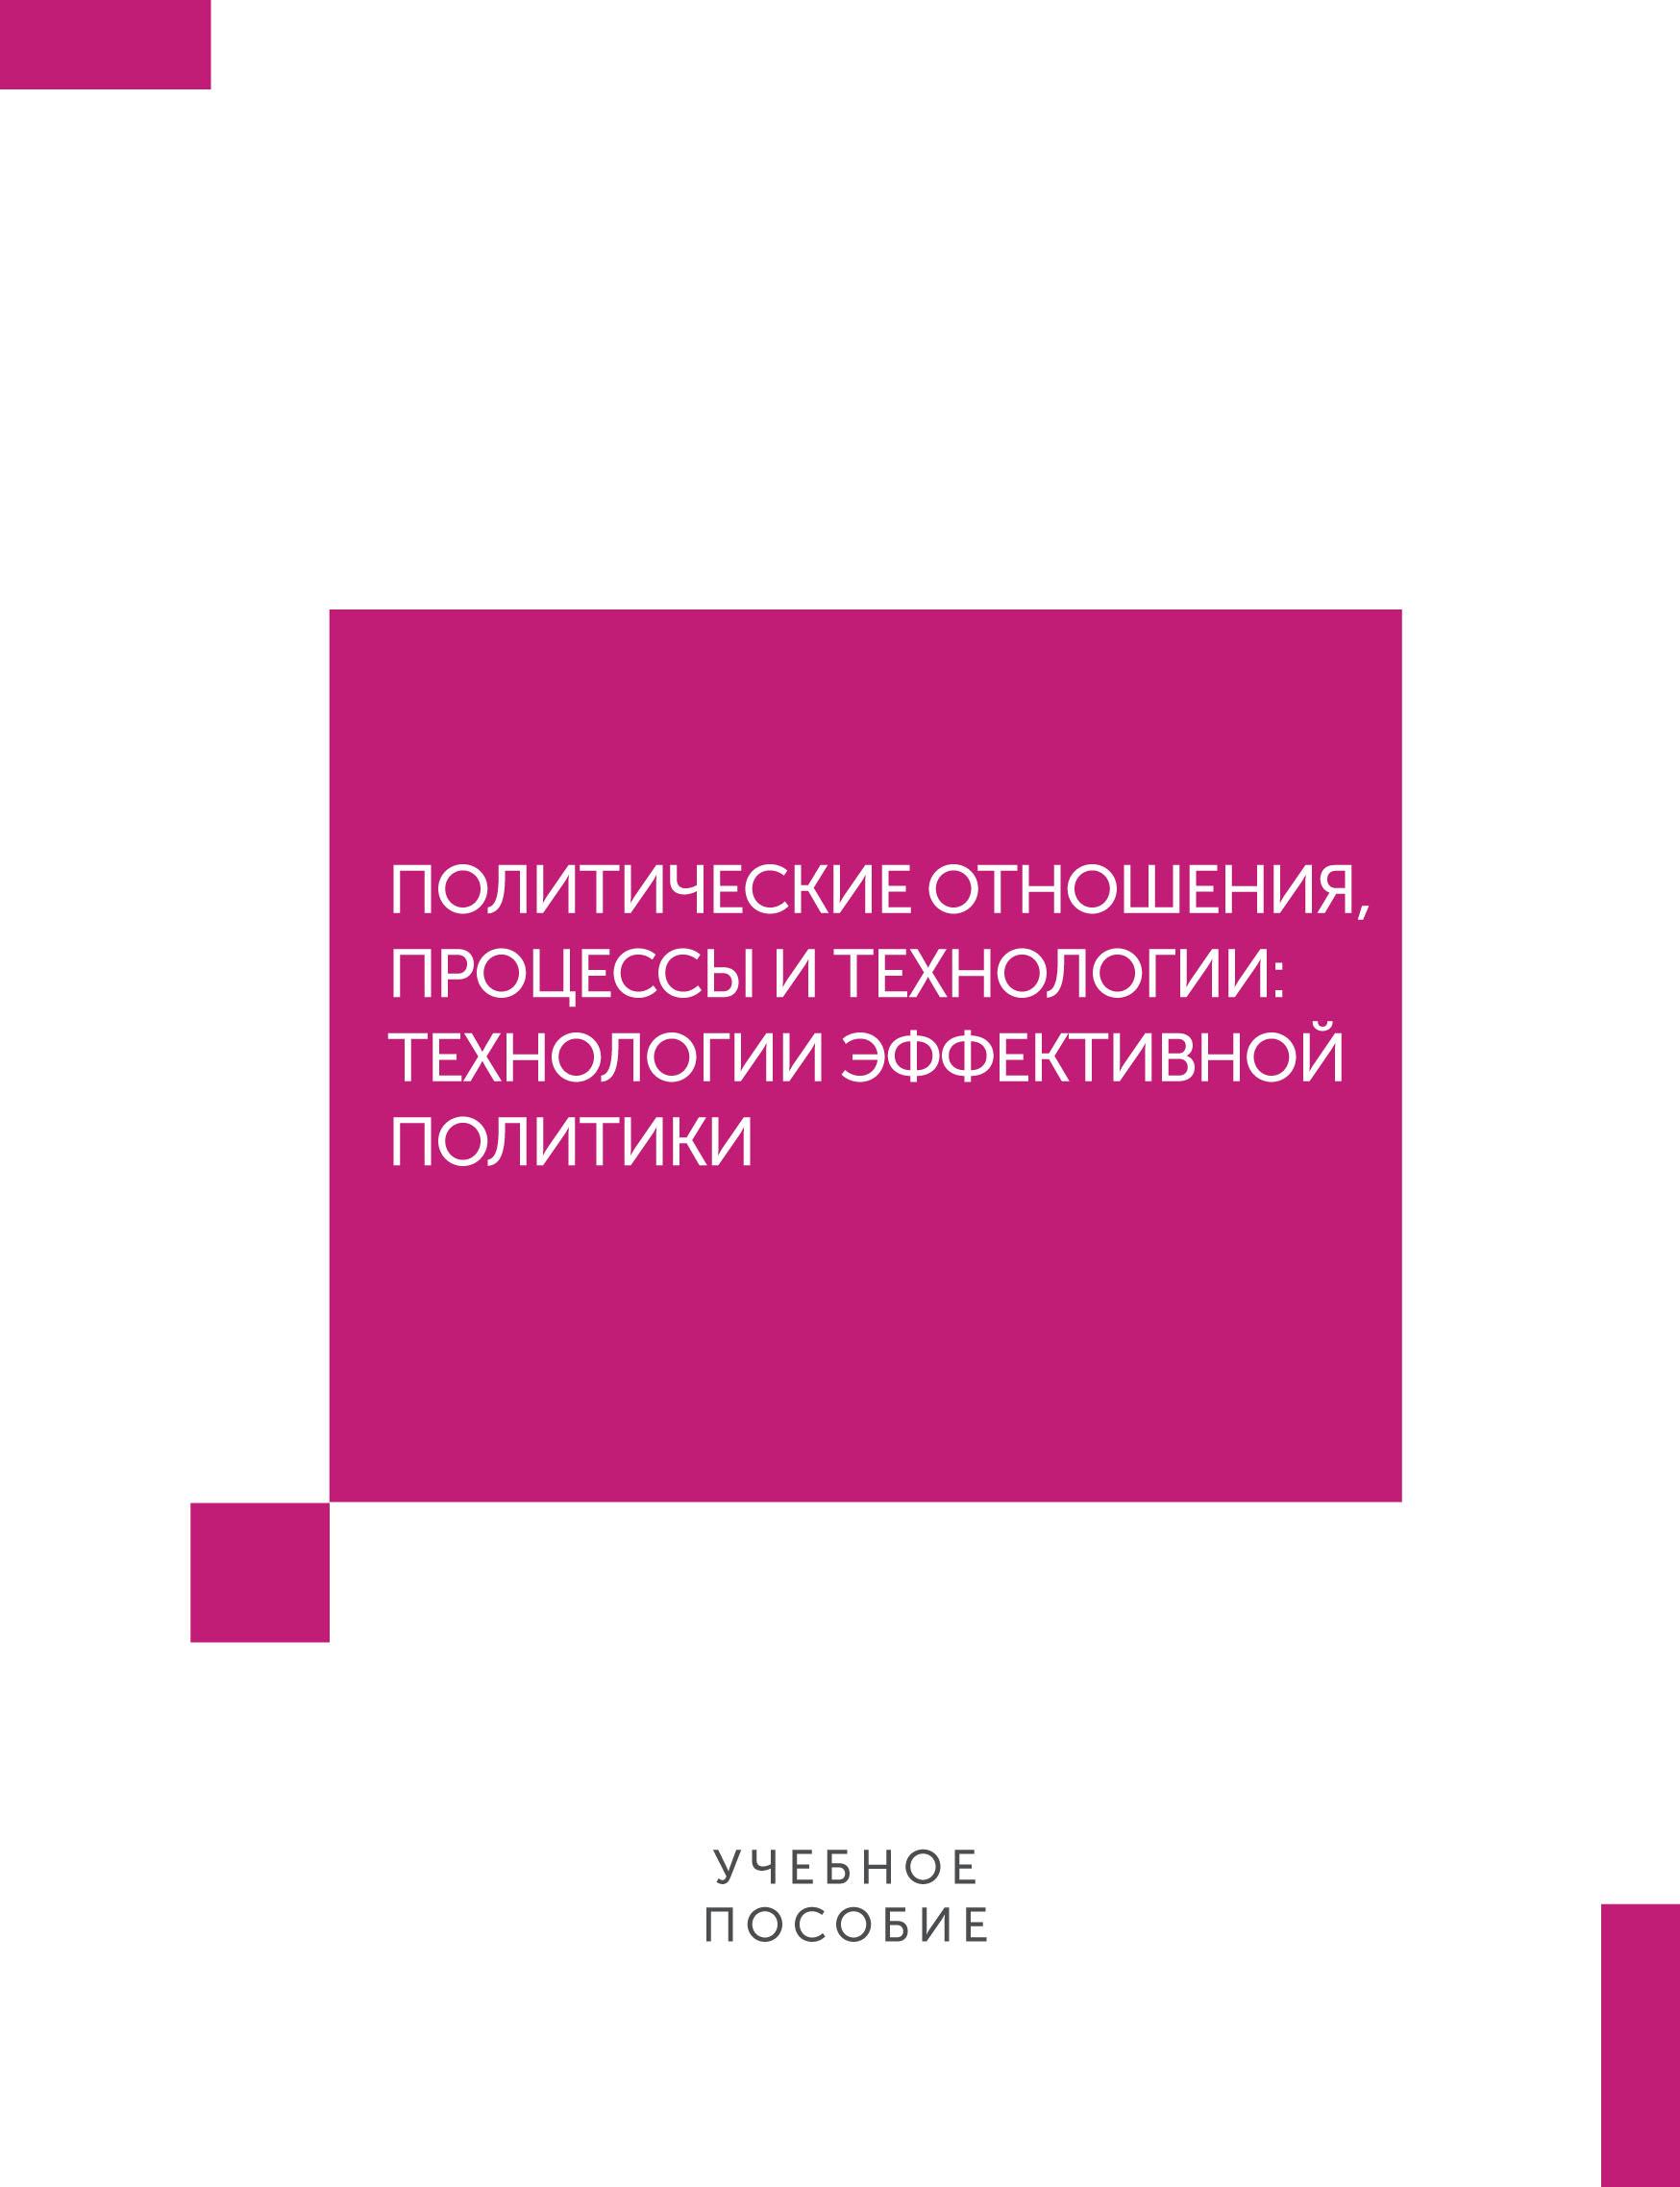 Поверхности протестного письма: постсоветский опыт освоения